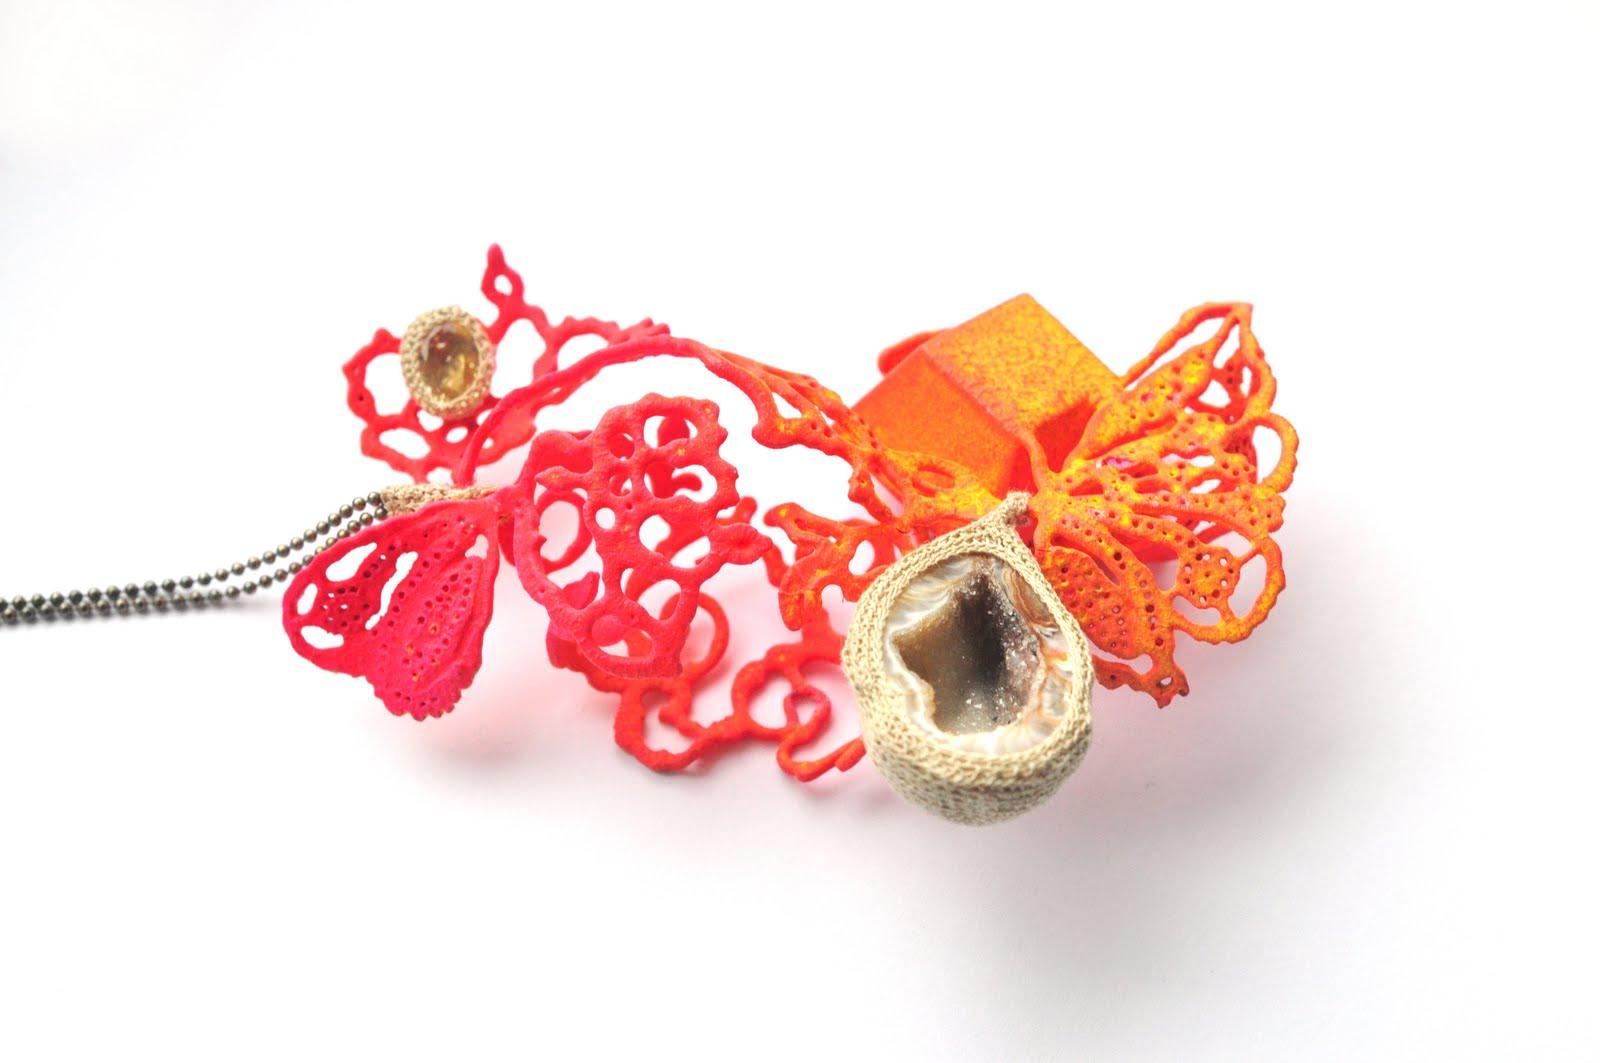 http://4.bp.blogspot.com/-lCx6ODge0GI/TcFGAN5Y32I/AAAAAAAAAII/gW7AmPGmvBM/s1600/necklace1.jpg